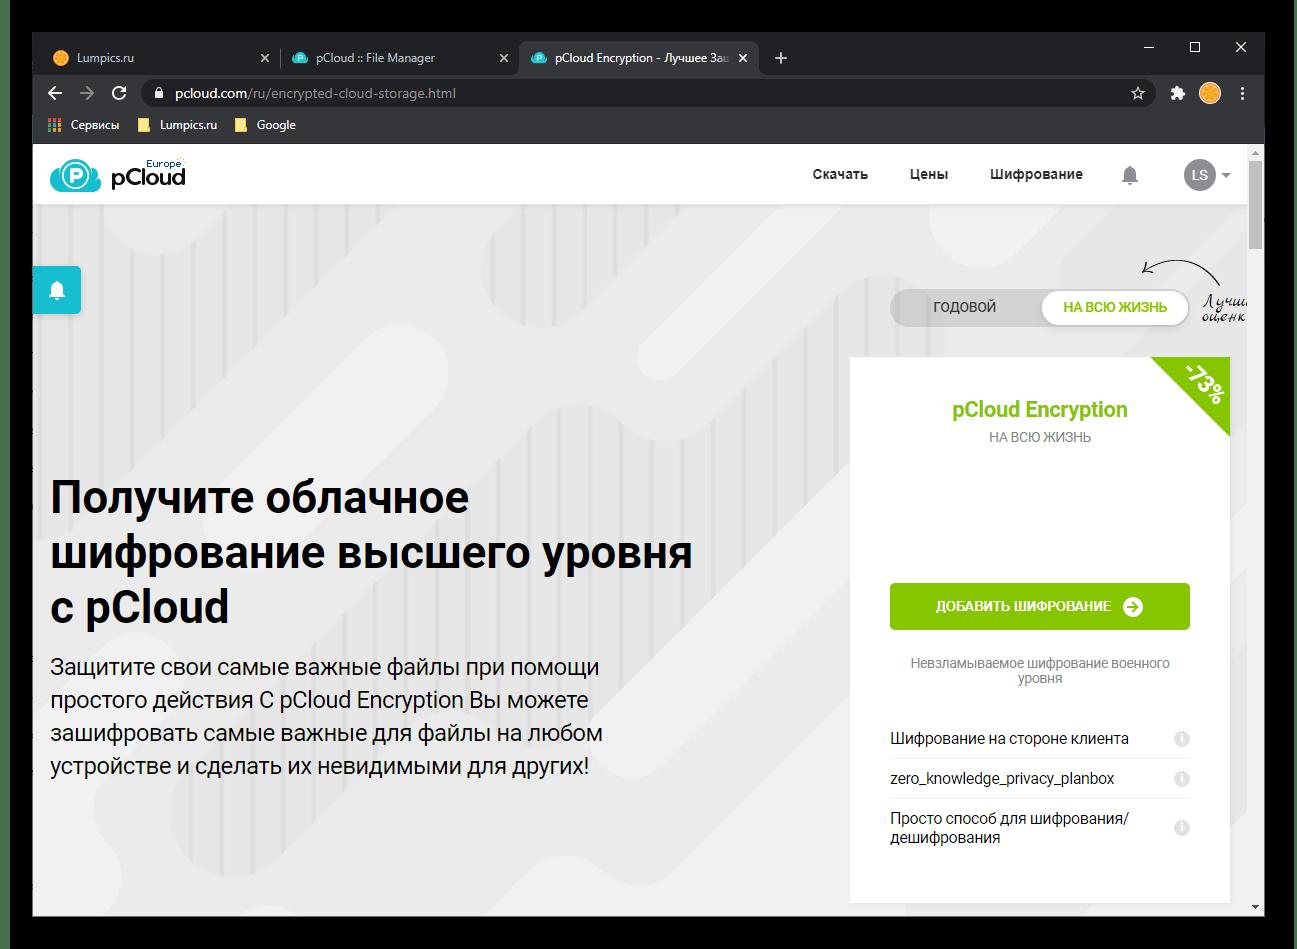 Шифрование данных, доступное для всех версий pCloud Drive